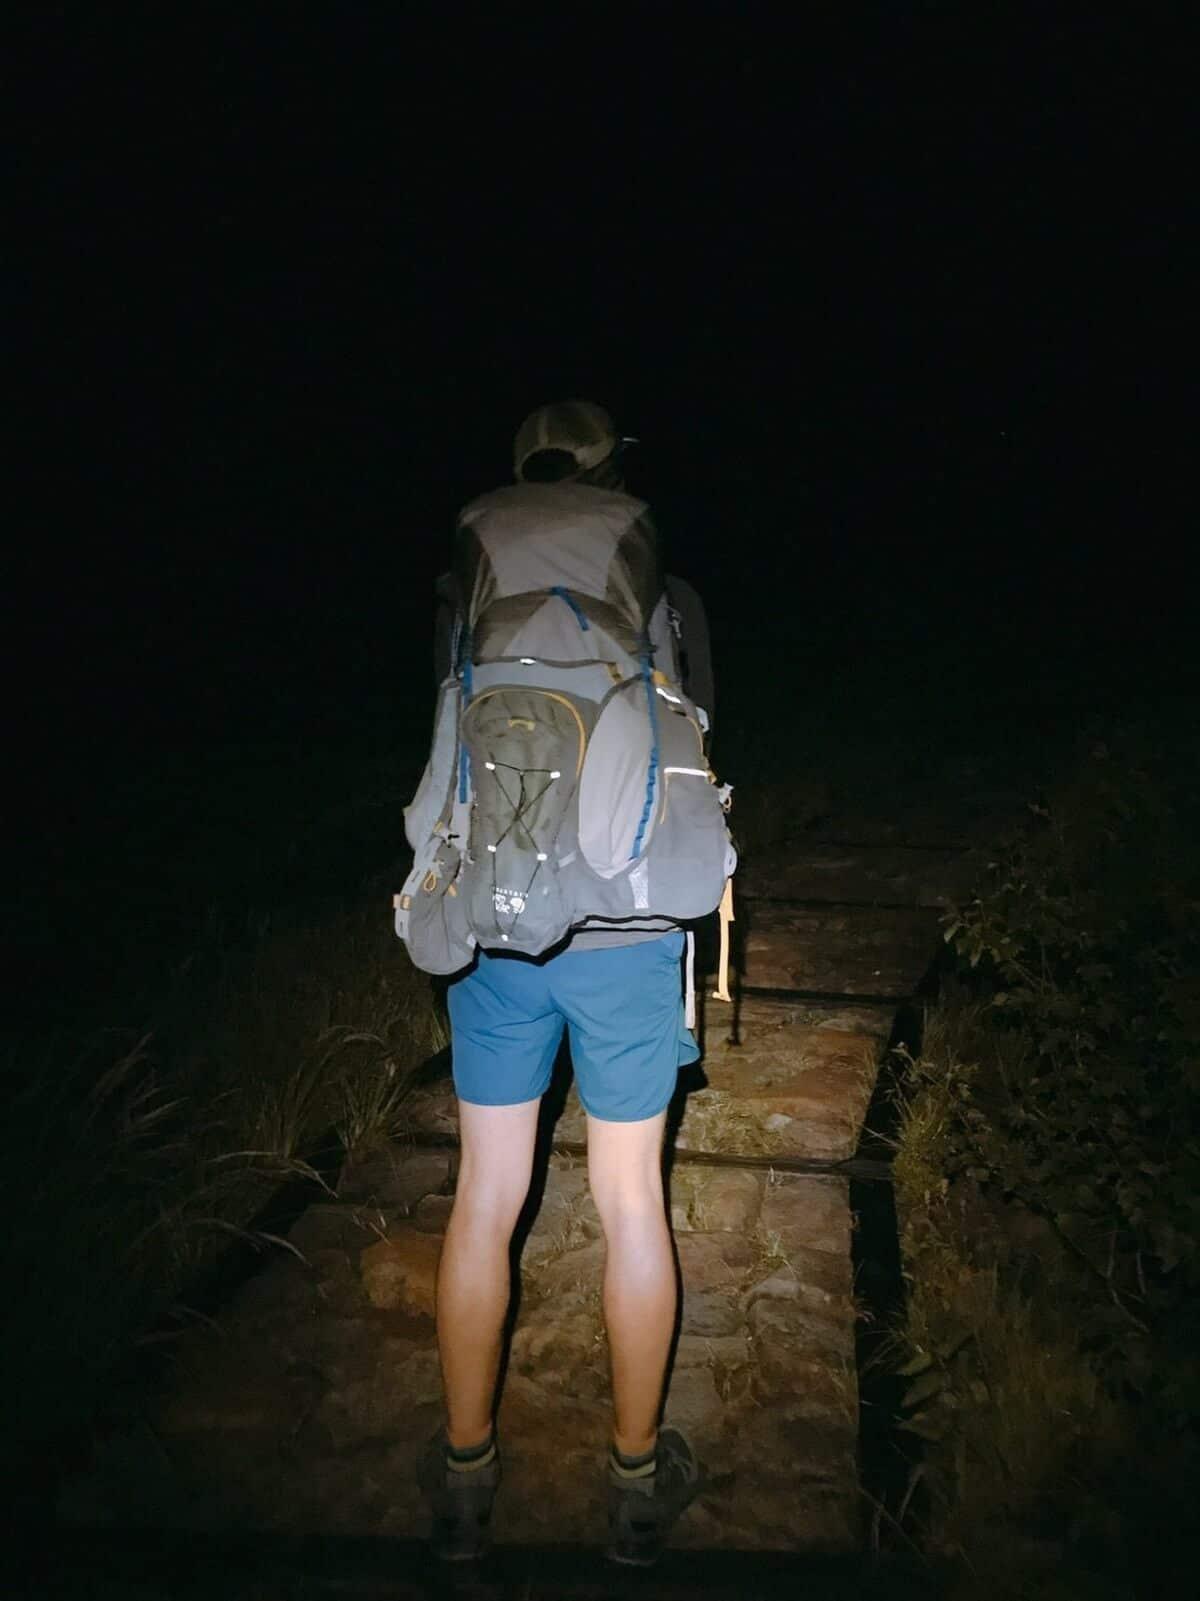 途中登山道に立ち止まって